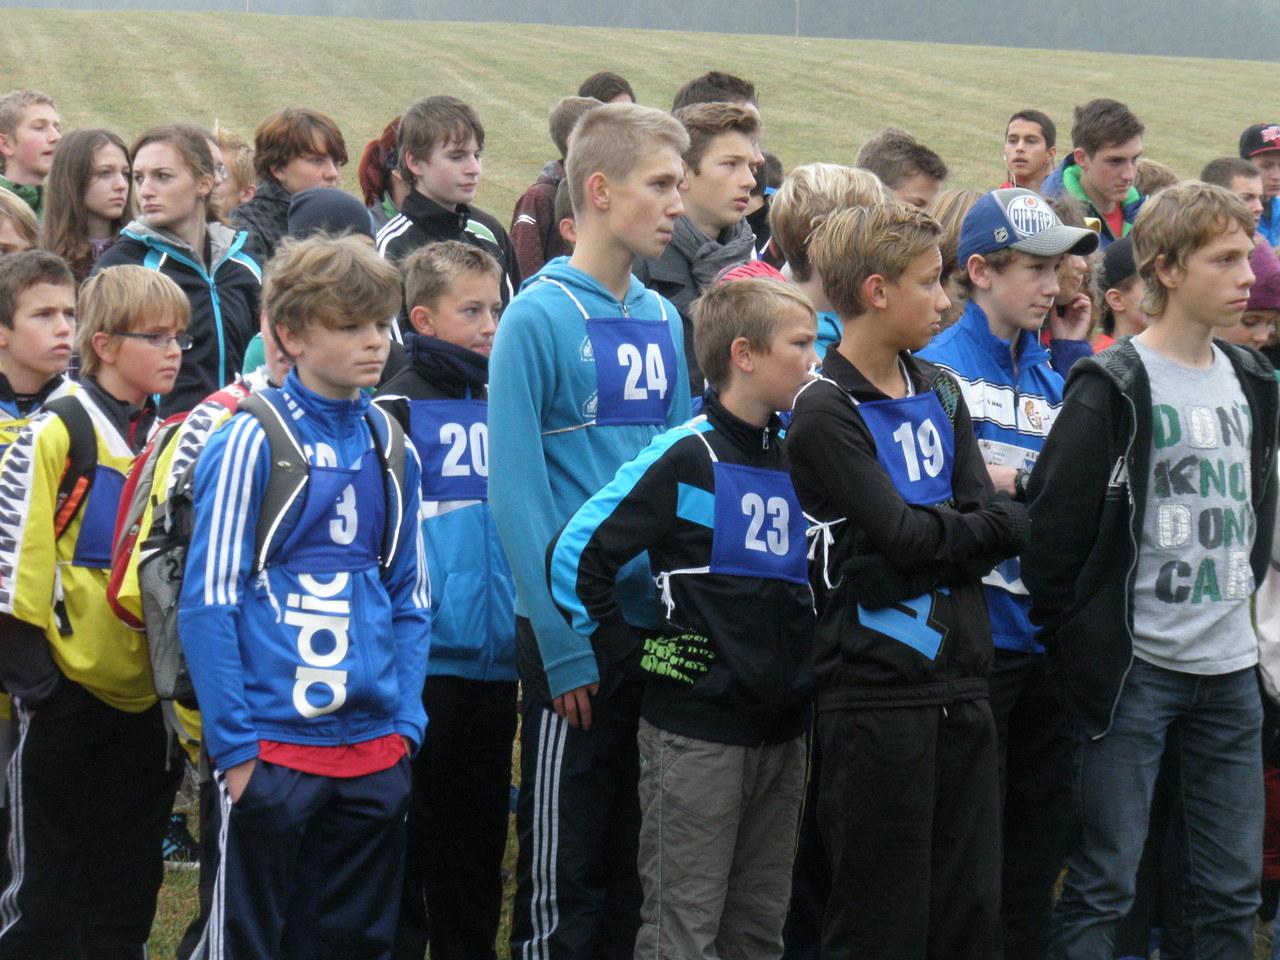 Přespolní běh - krajské kolo ve Žďáře nad Sázavou